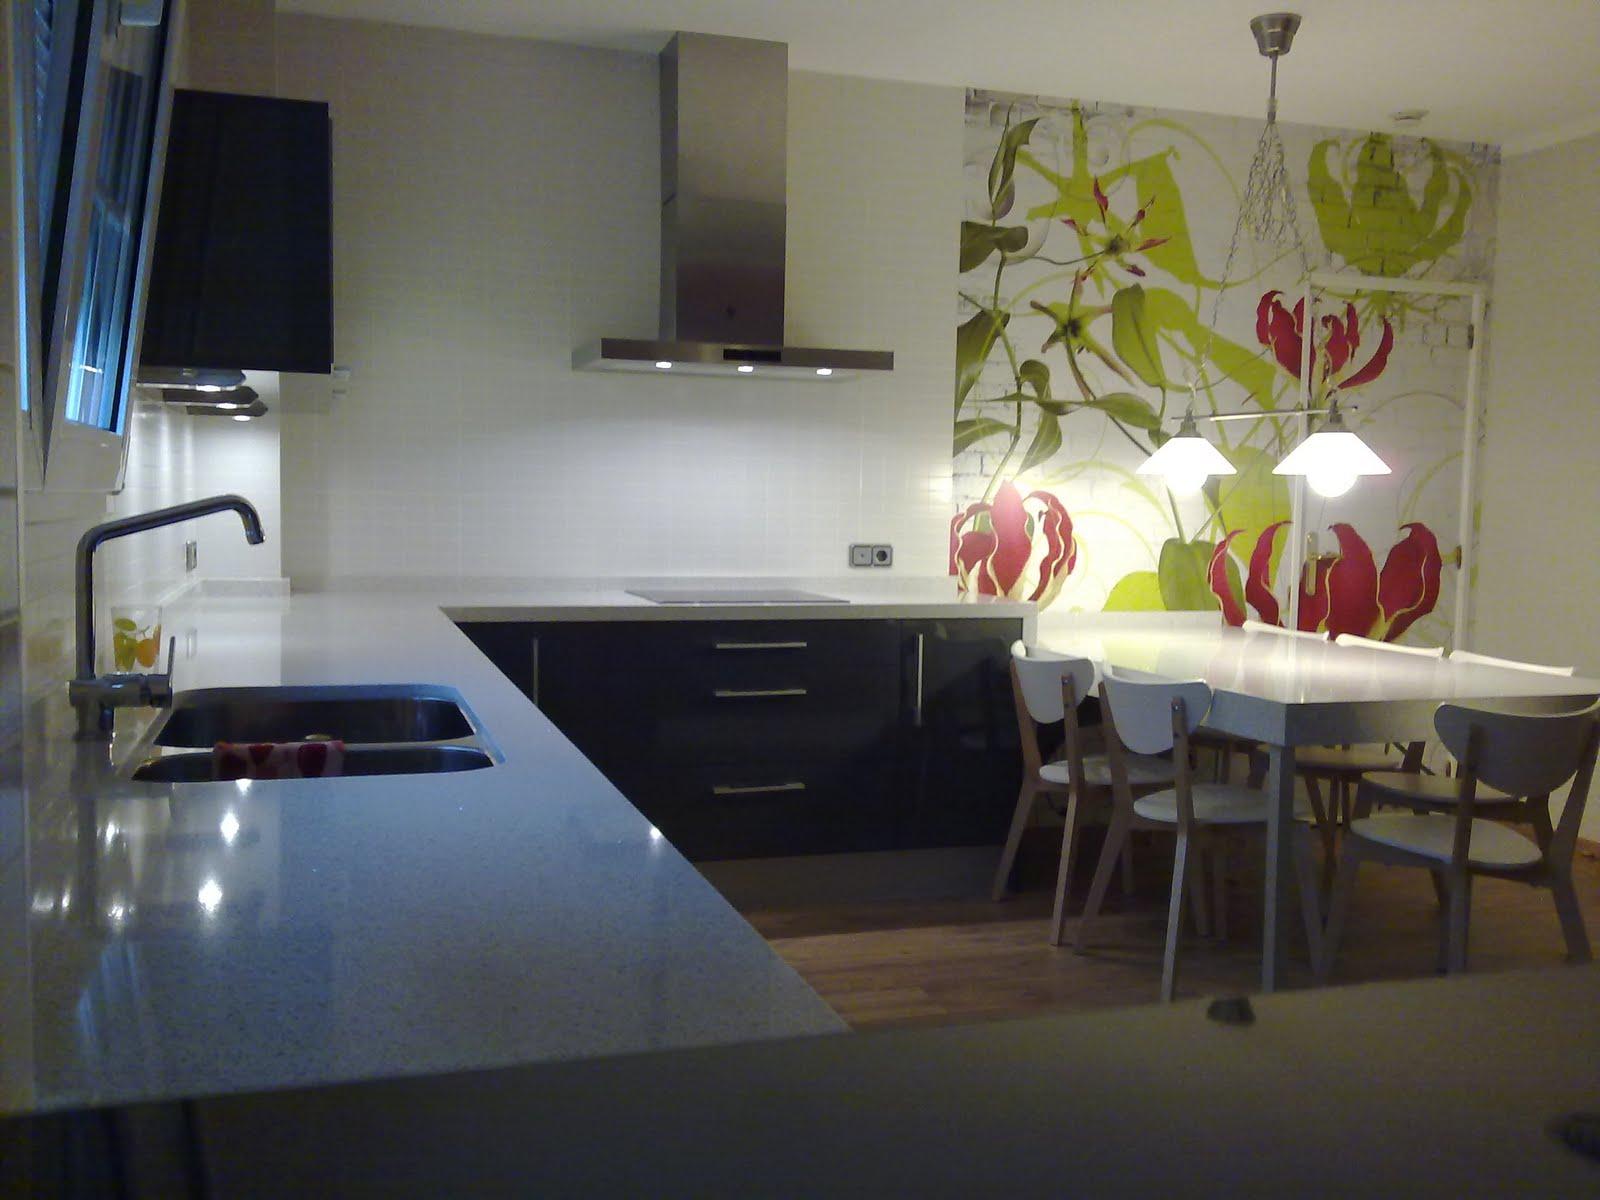 Cocina con fotomural - Fotomural para cocina ...